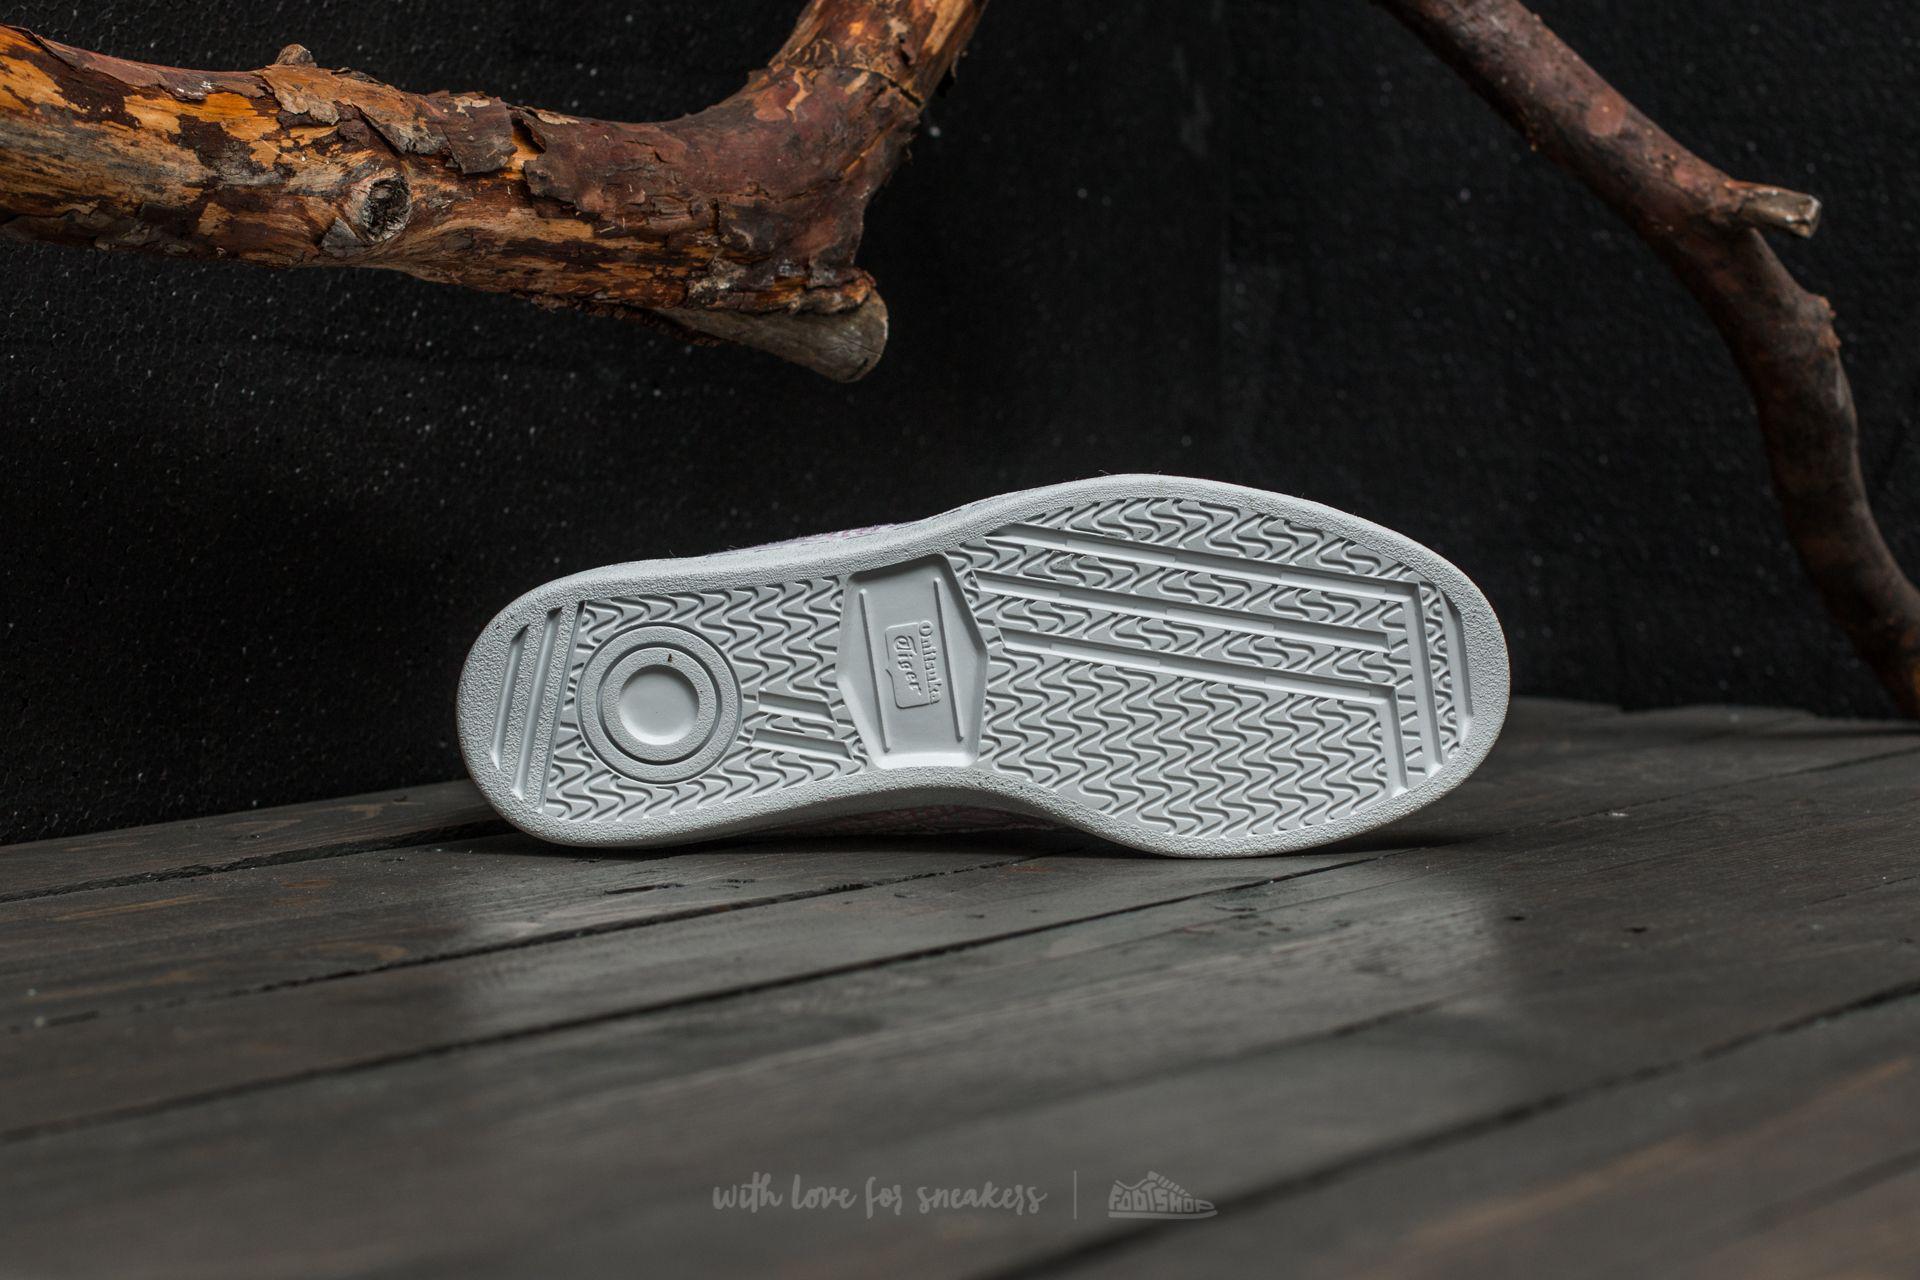 wholesale dealer c4d21 e5d6c Footshop Onitsuka Tiger X Naked Gsm Blushing Bride  White - Lyst